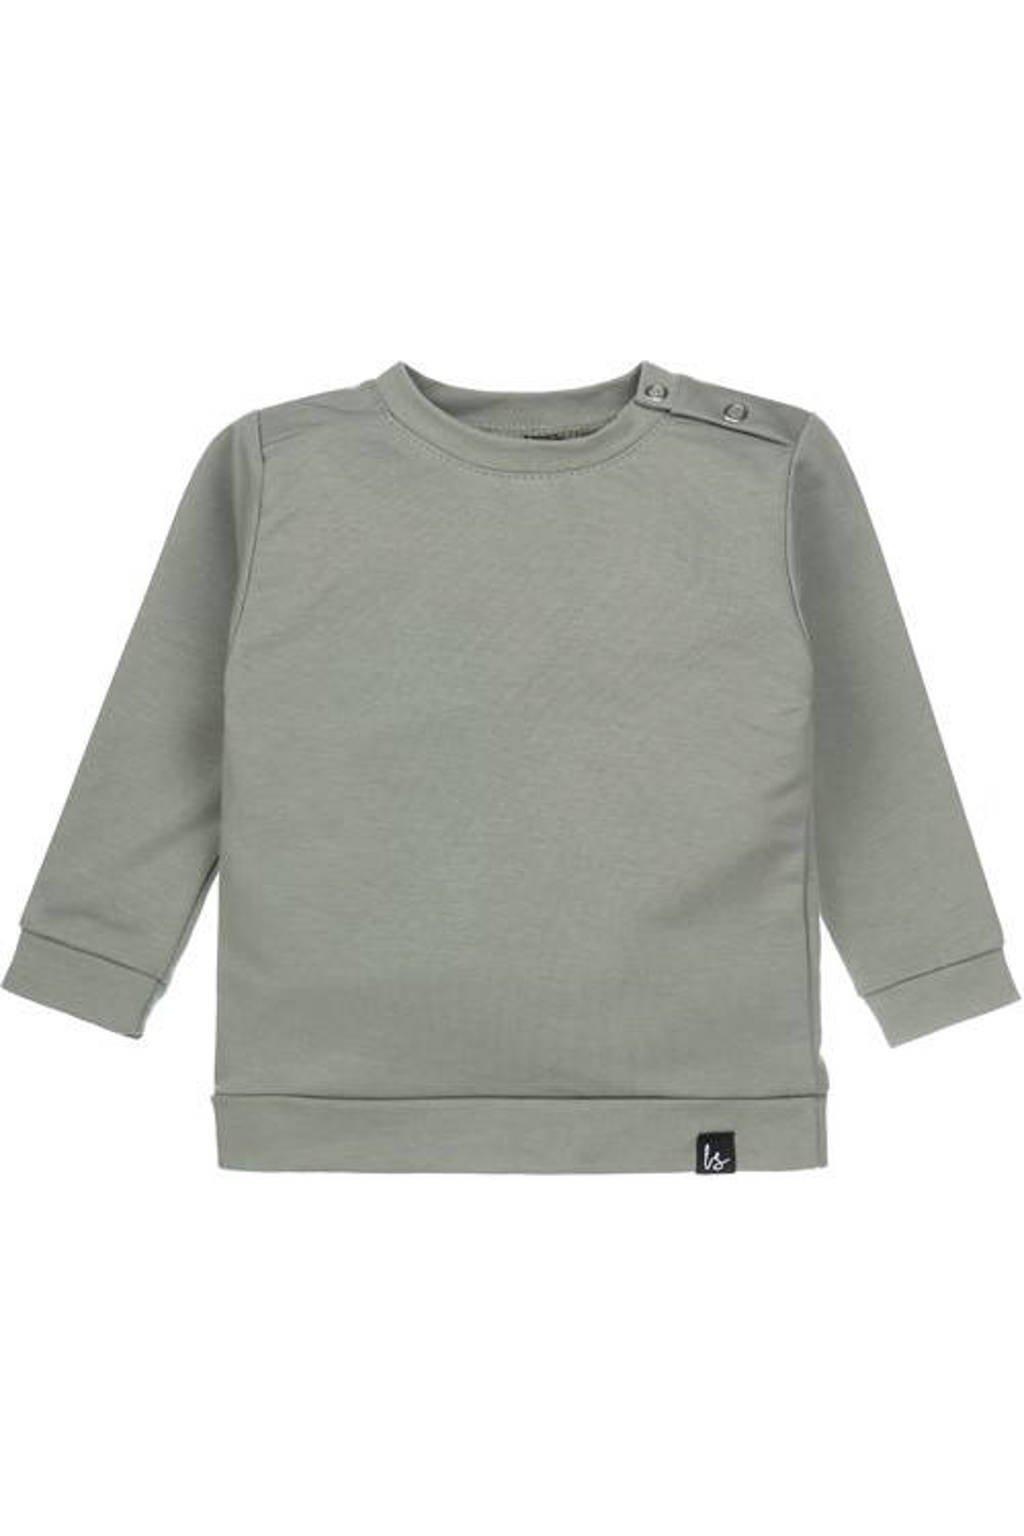 Babystyling sweater oudgroen, Oudgroen